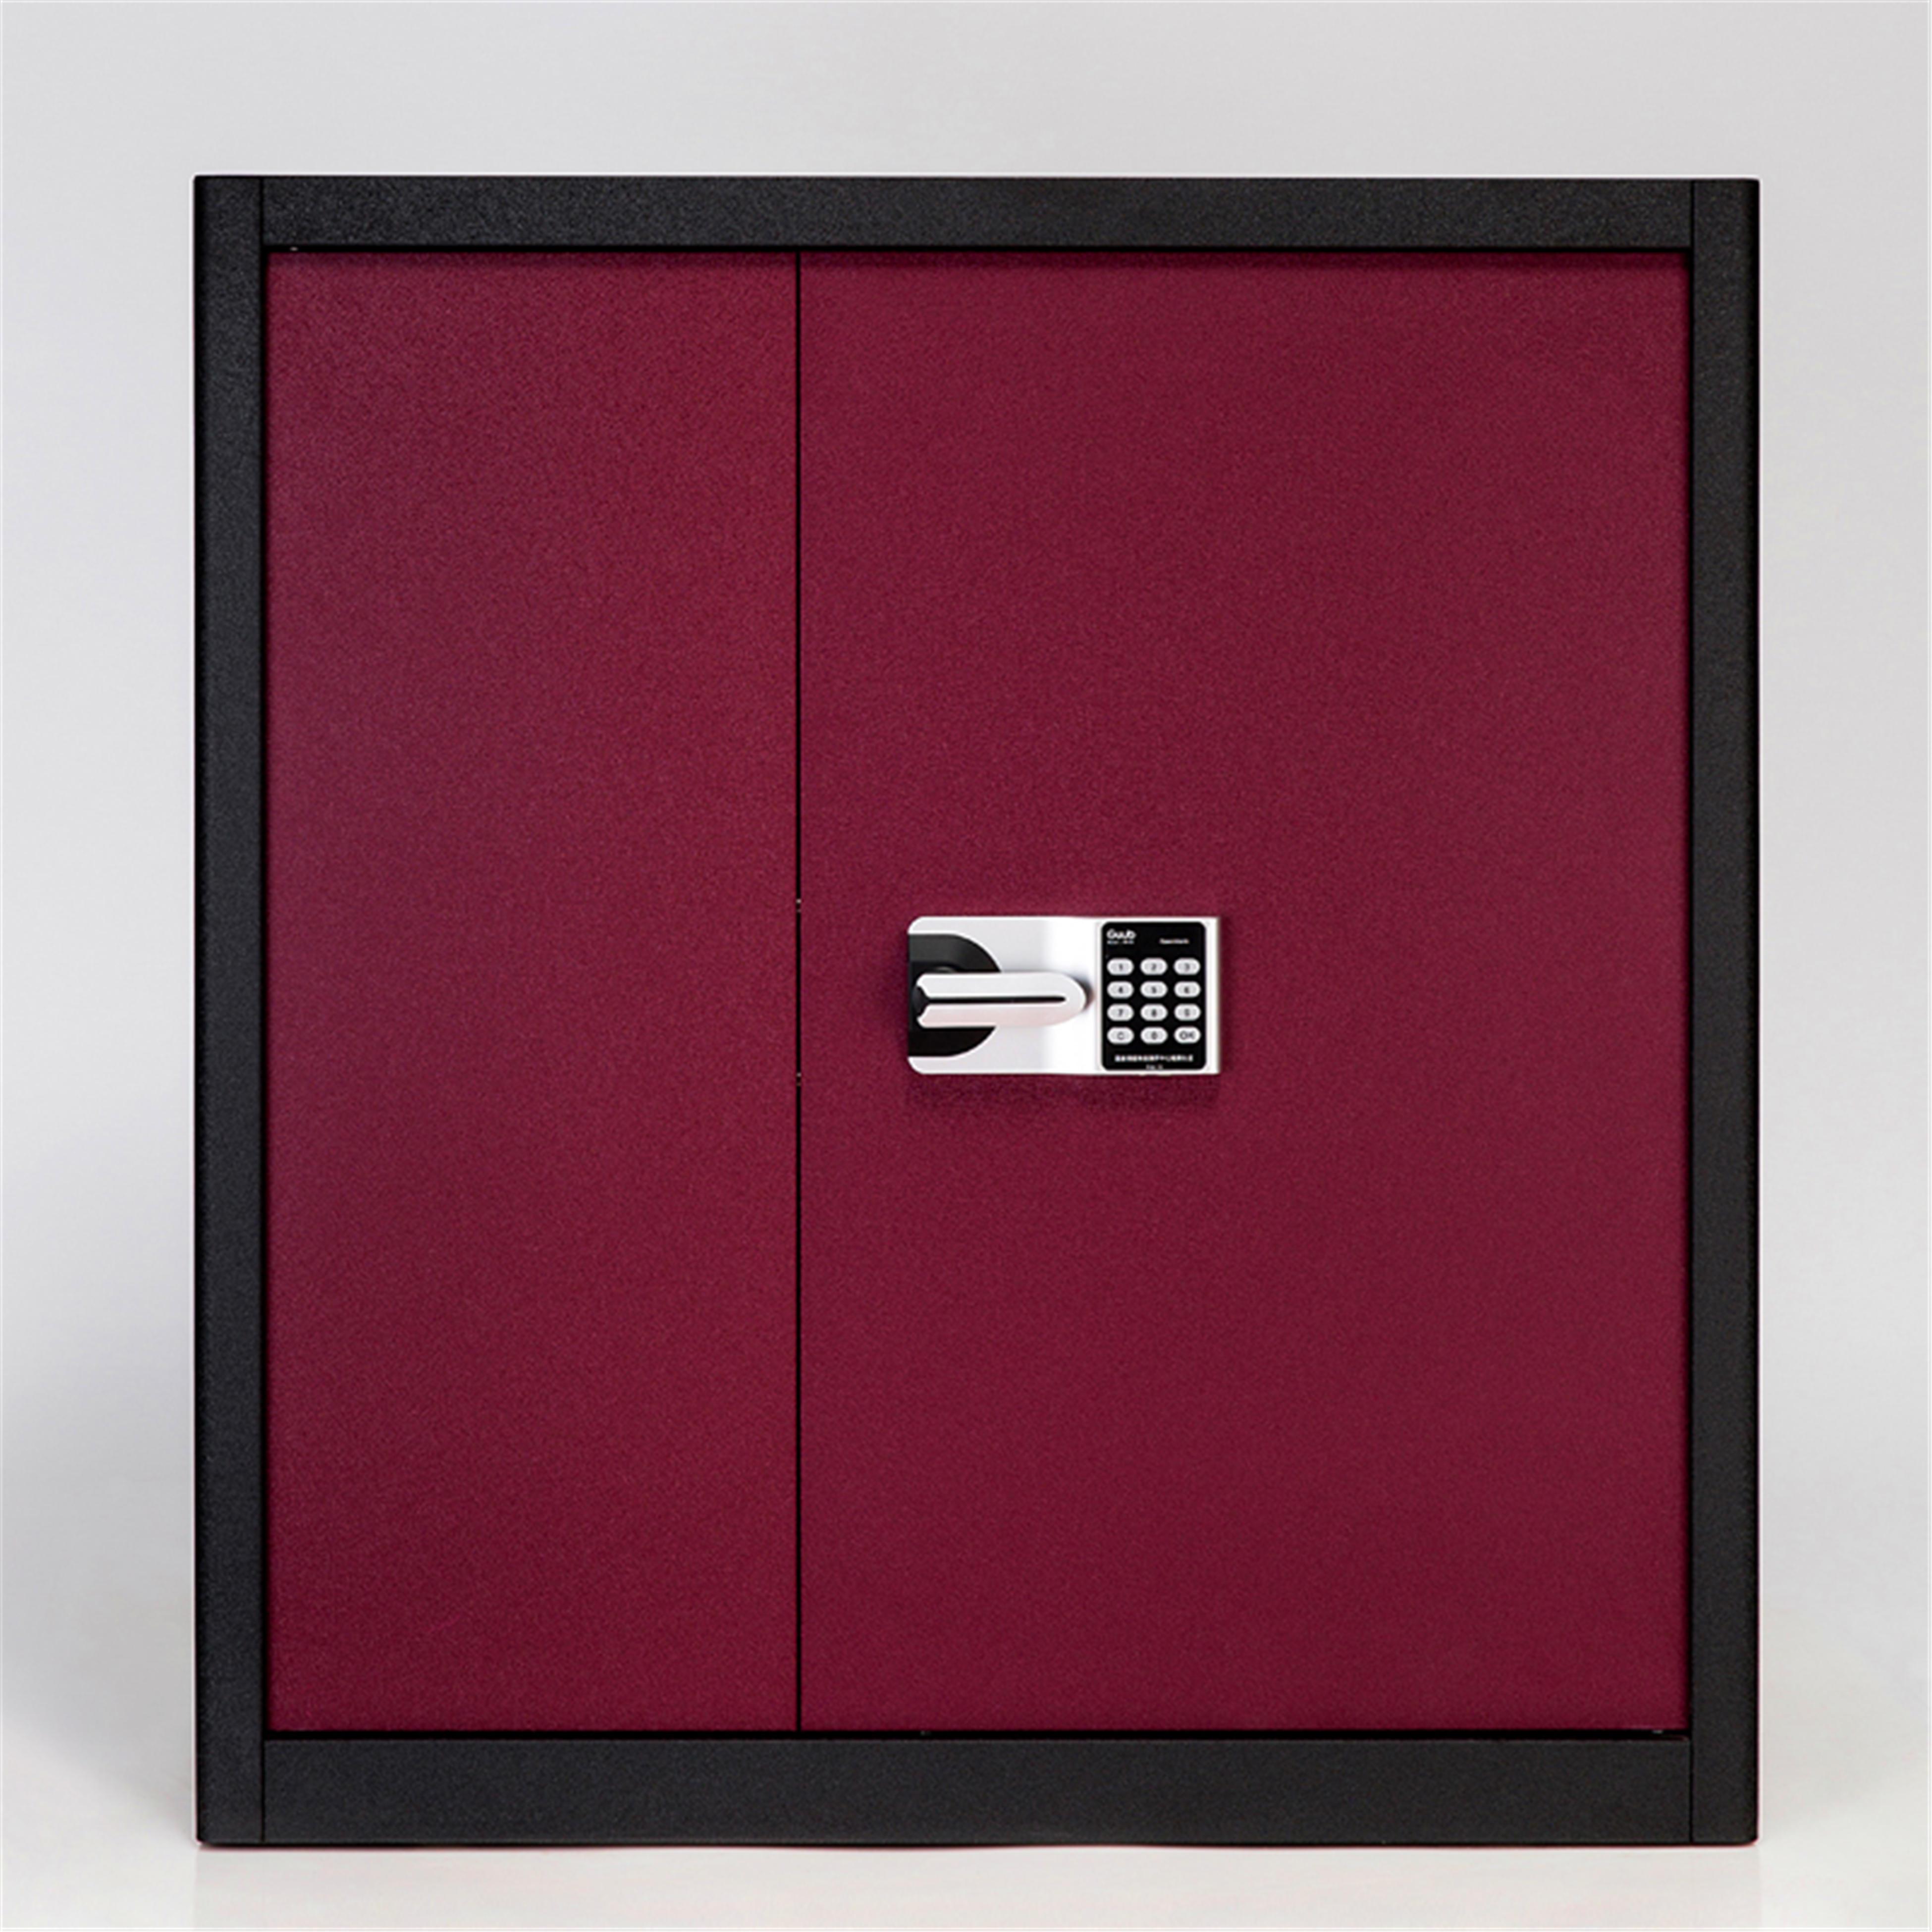 钢制保密柜电子密码锁文件柜全钢办公保险柜档案储物柜资料收纳柜